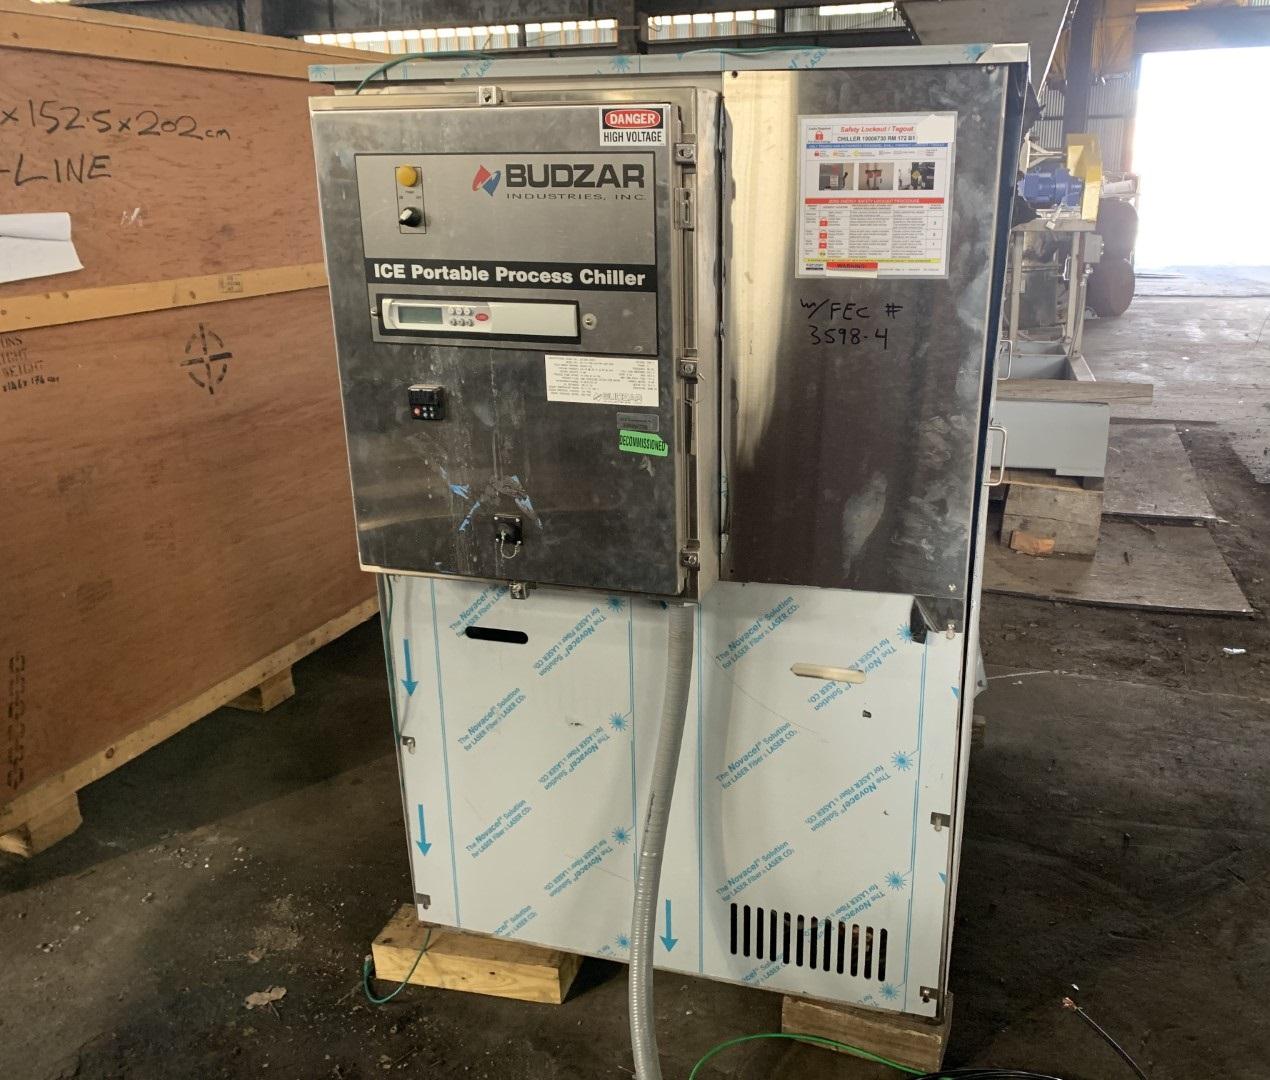 Budzar Industries Temperature Control Unit, Model AC-10-CCB- 24/1WT-924-DSP